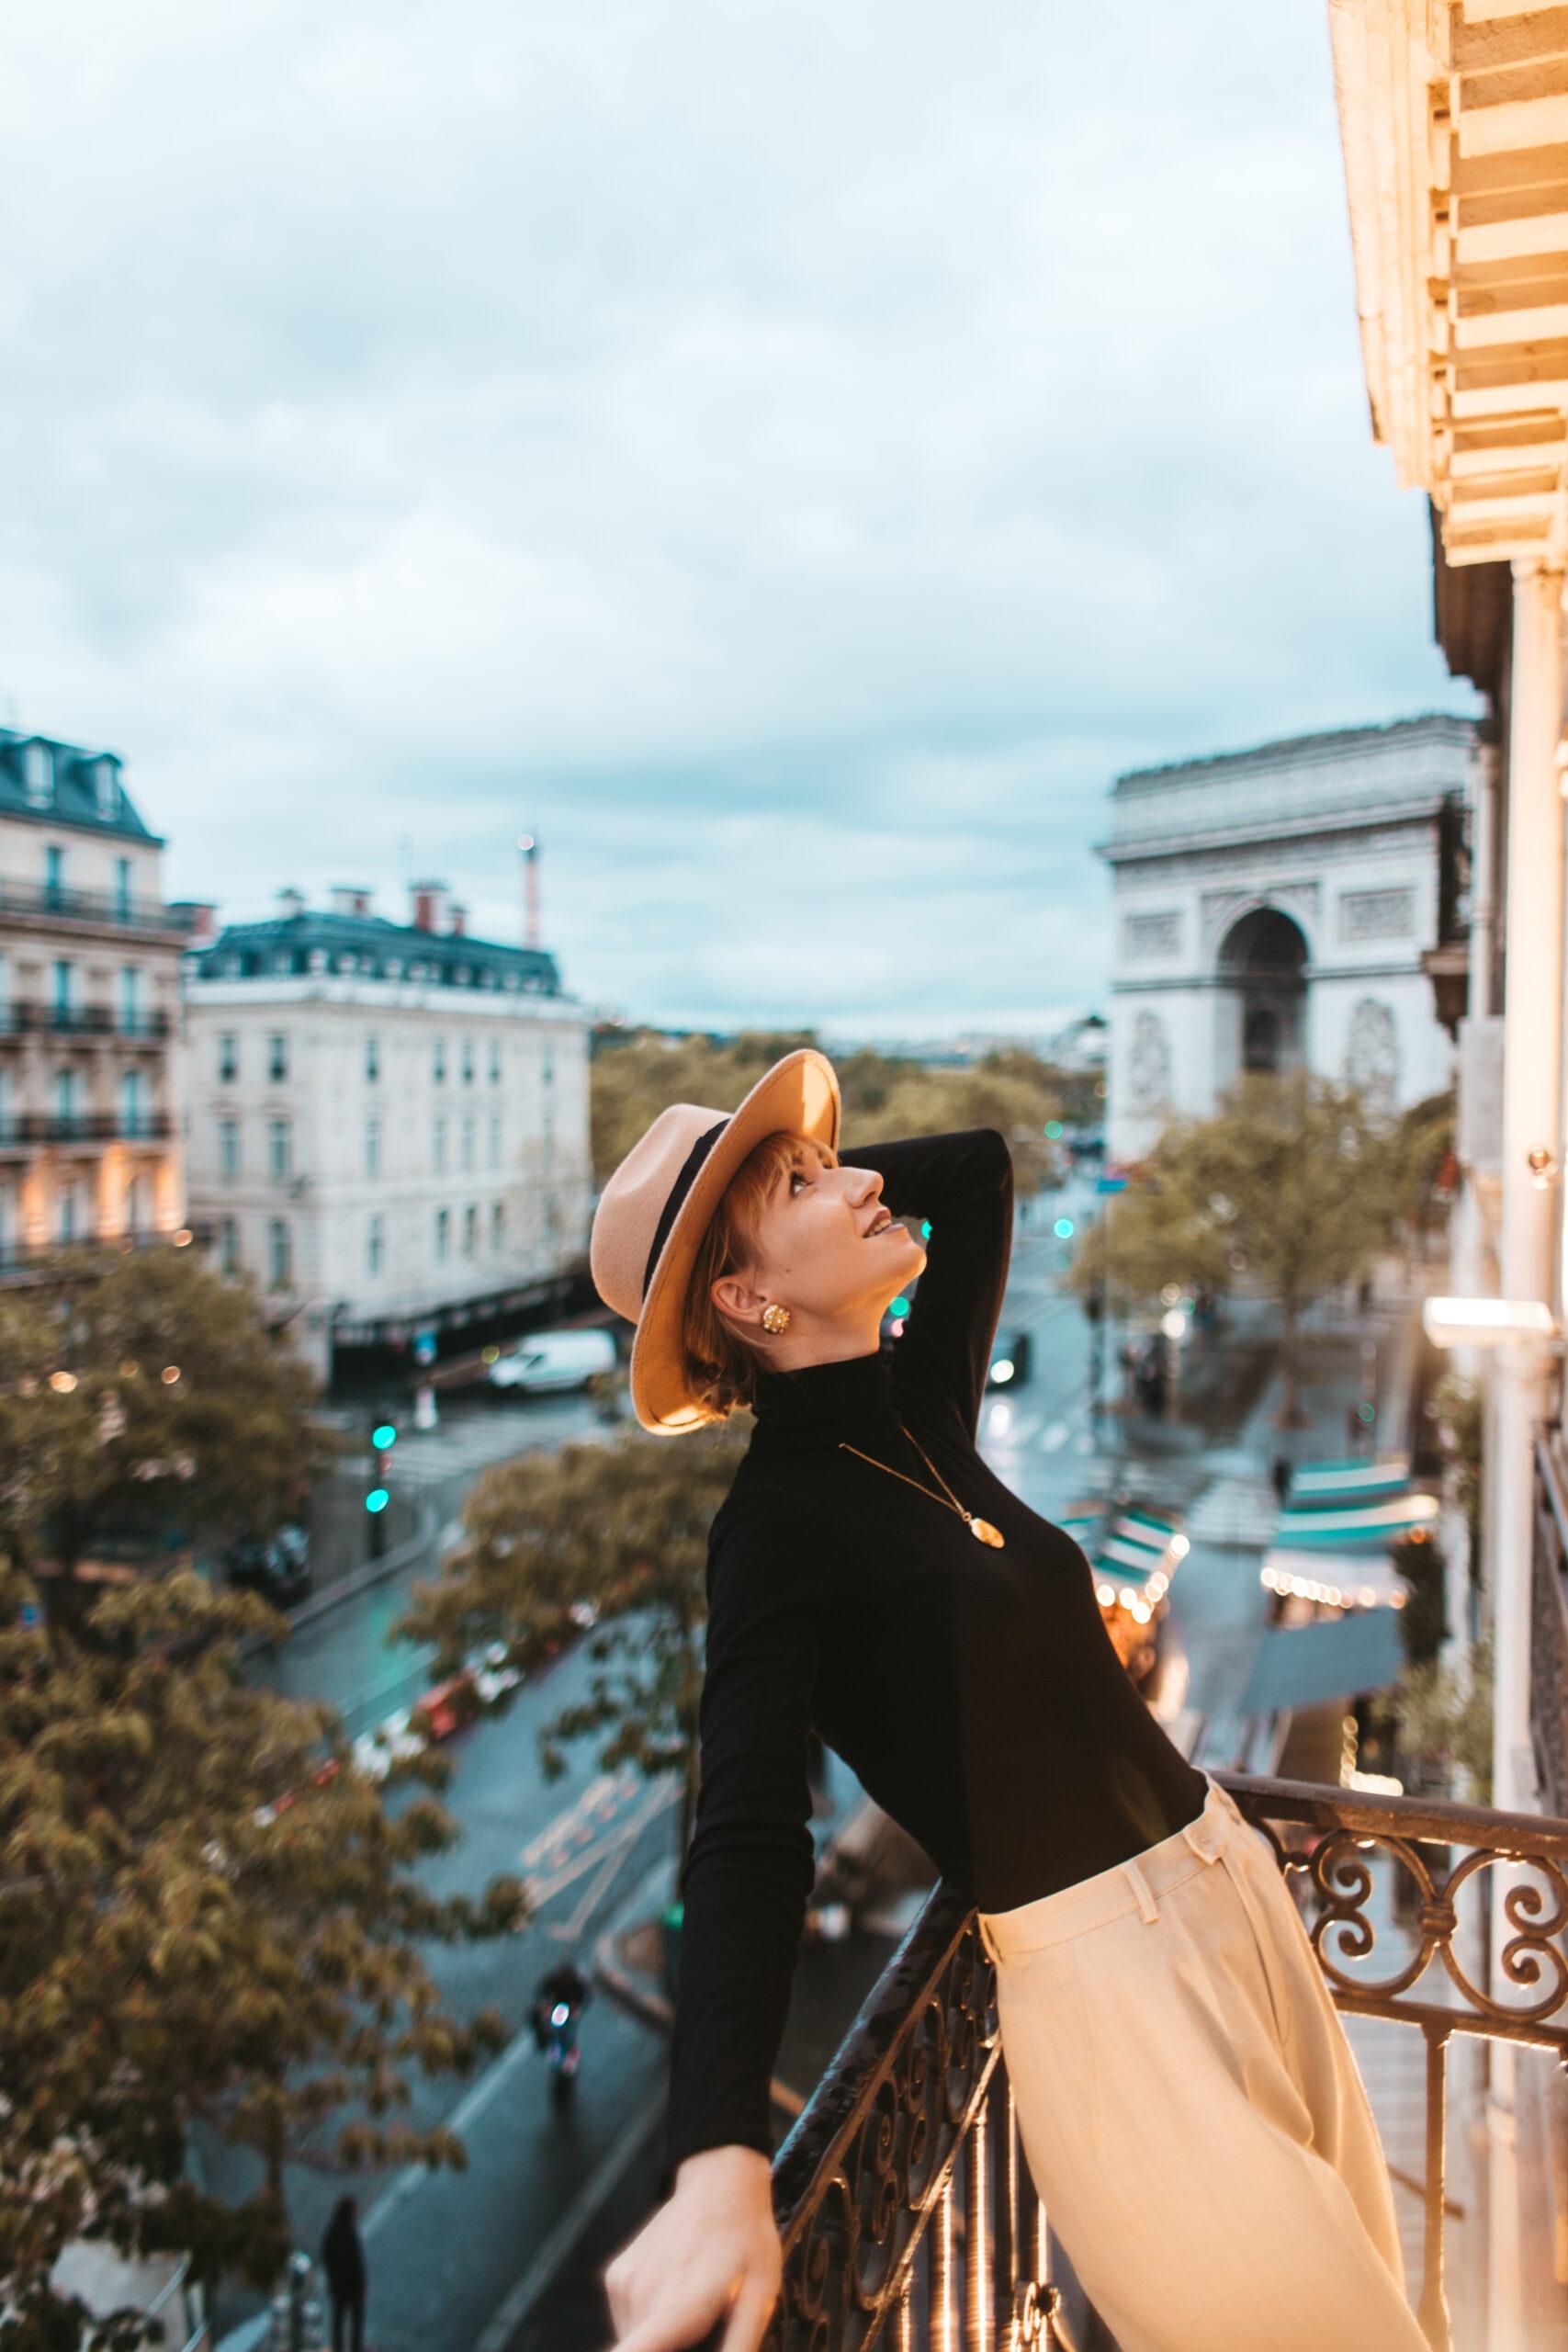 Łuk Triumfalny Paryż, hotel z widokiem na Łuk Triumfalny, hotel Belfast Paris, Paryż hotel, Paryż b&b, Balkon w paryżu z widokiem, paris balcony, nocleg w Paryżu, 17 dzielnica Paryża, 17 arrondissement paris